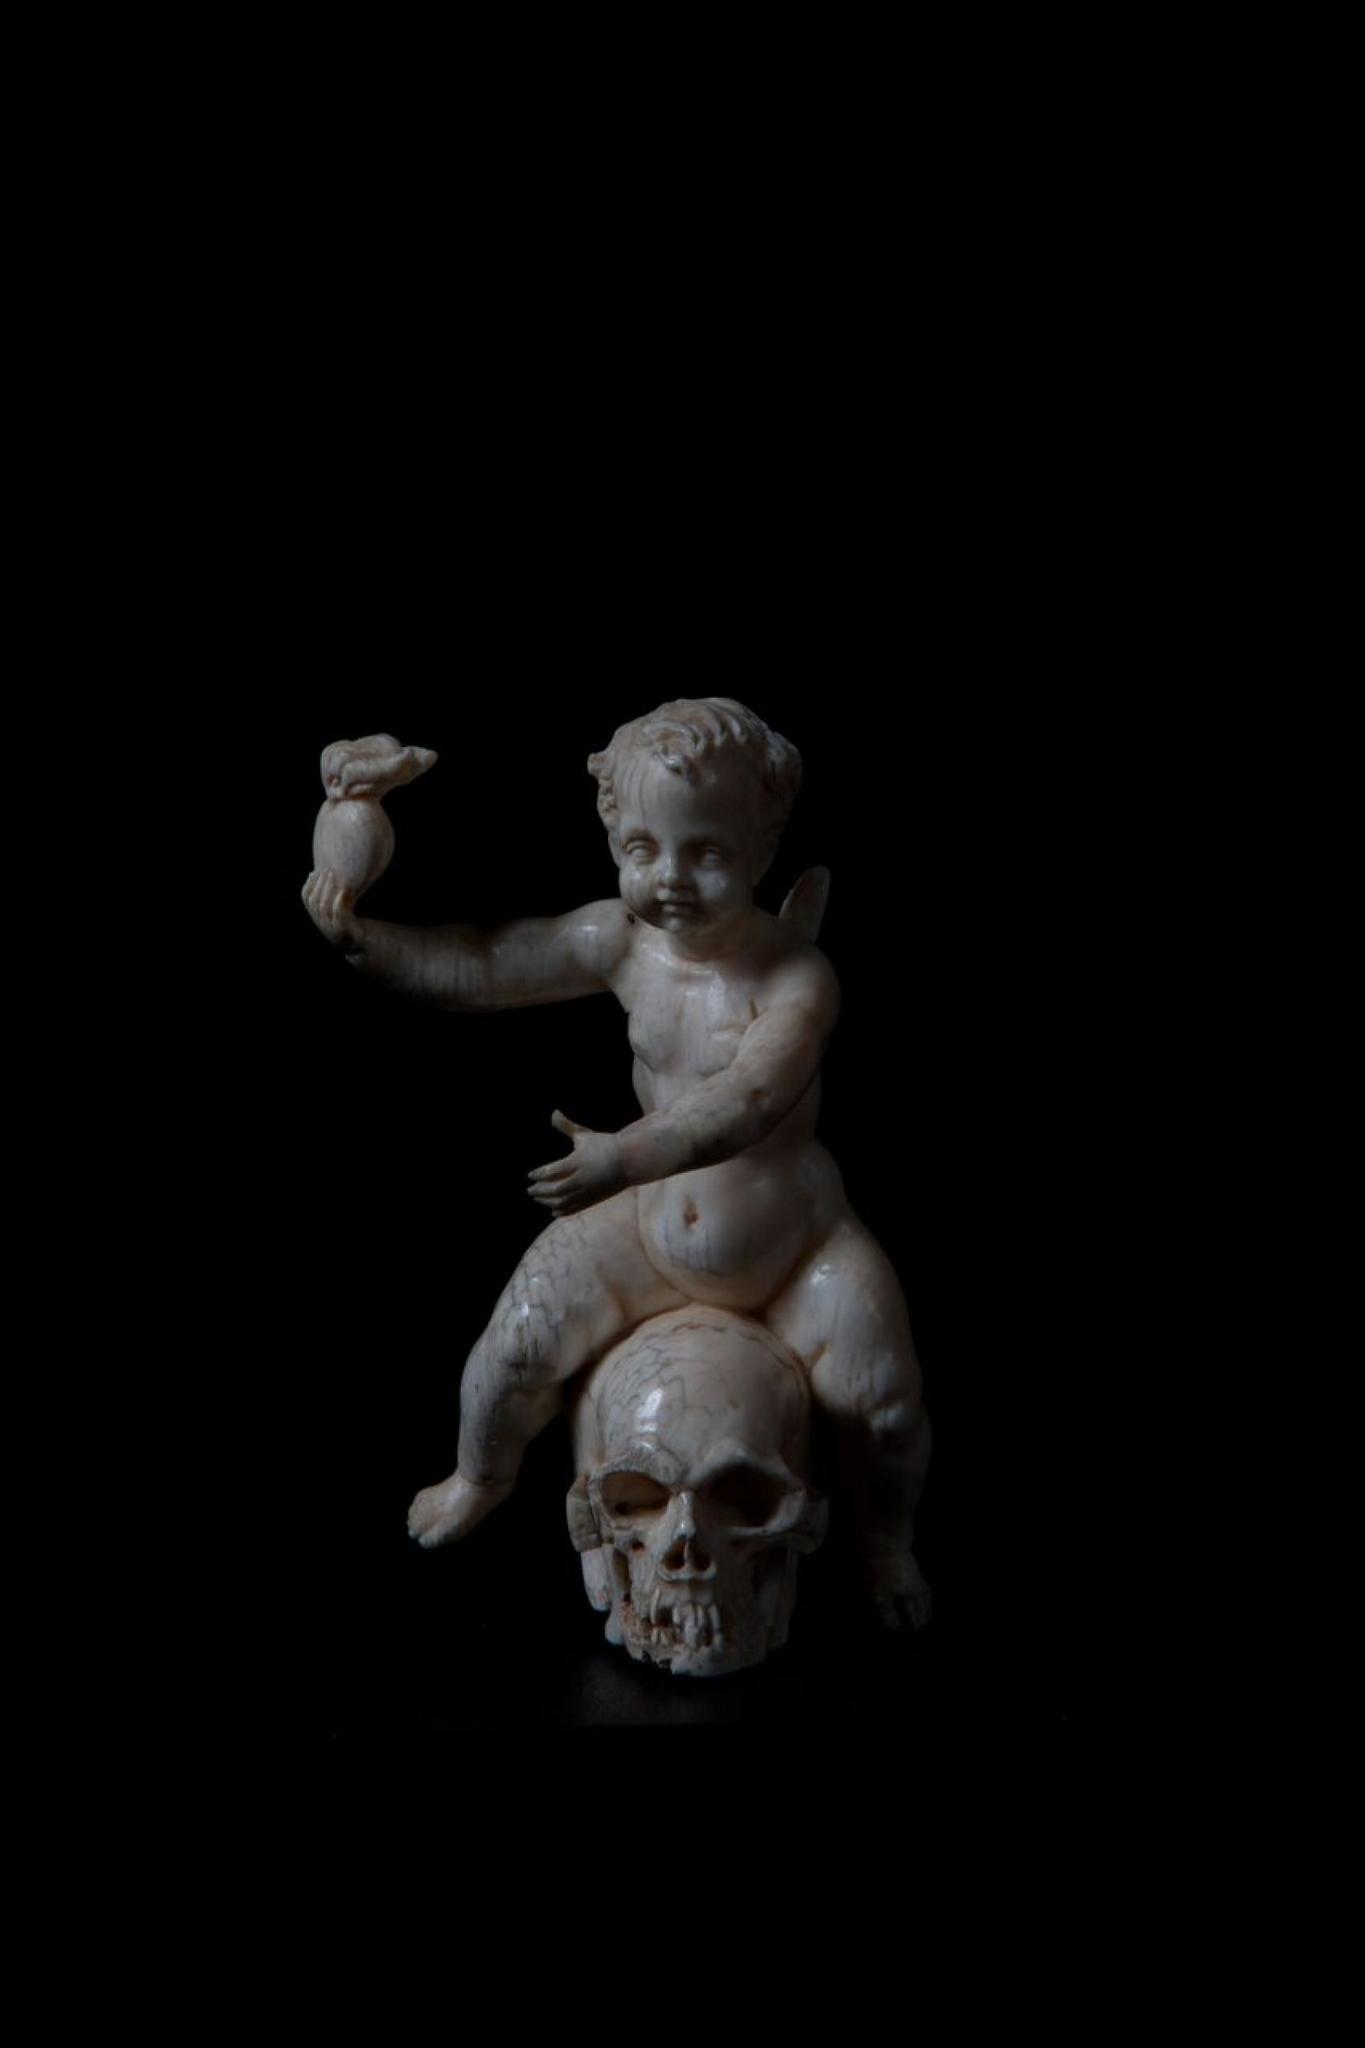 Eros assis sur un crâne, France, XVIIIe siècle ? Ivoire, bois noirci (socle) H. 9 ; l. 6,5 ; L. 5,5 cm Legs baronne Henri de Rothschild, 1926 Musée des Arts décoratifs, Paris © Felipe Ribon